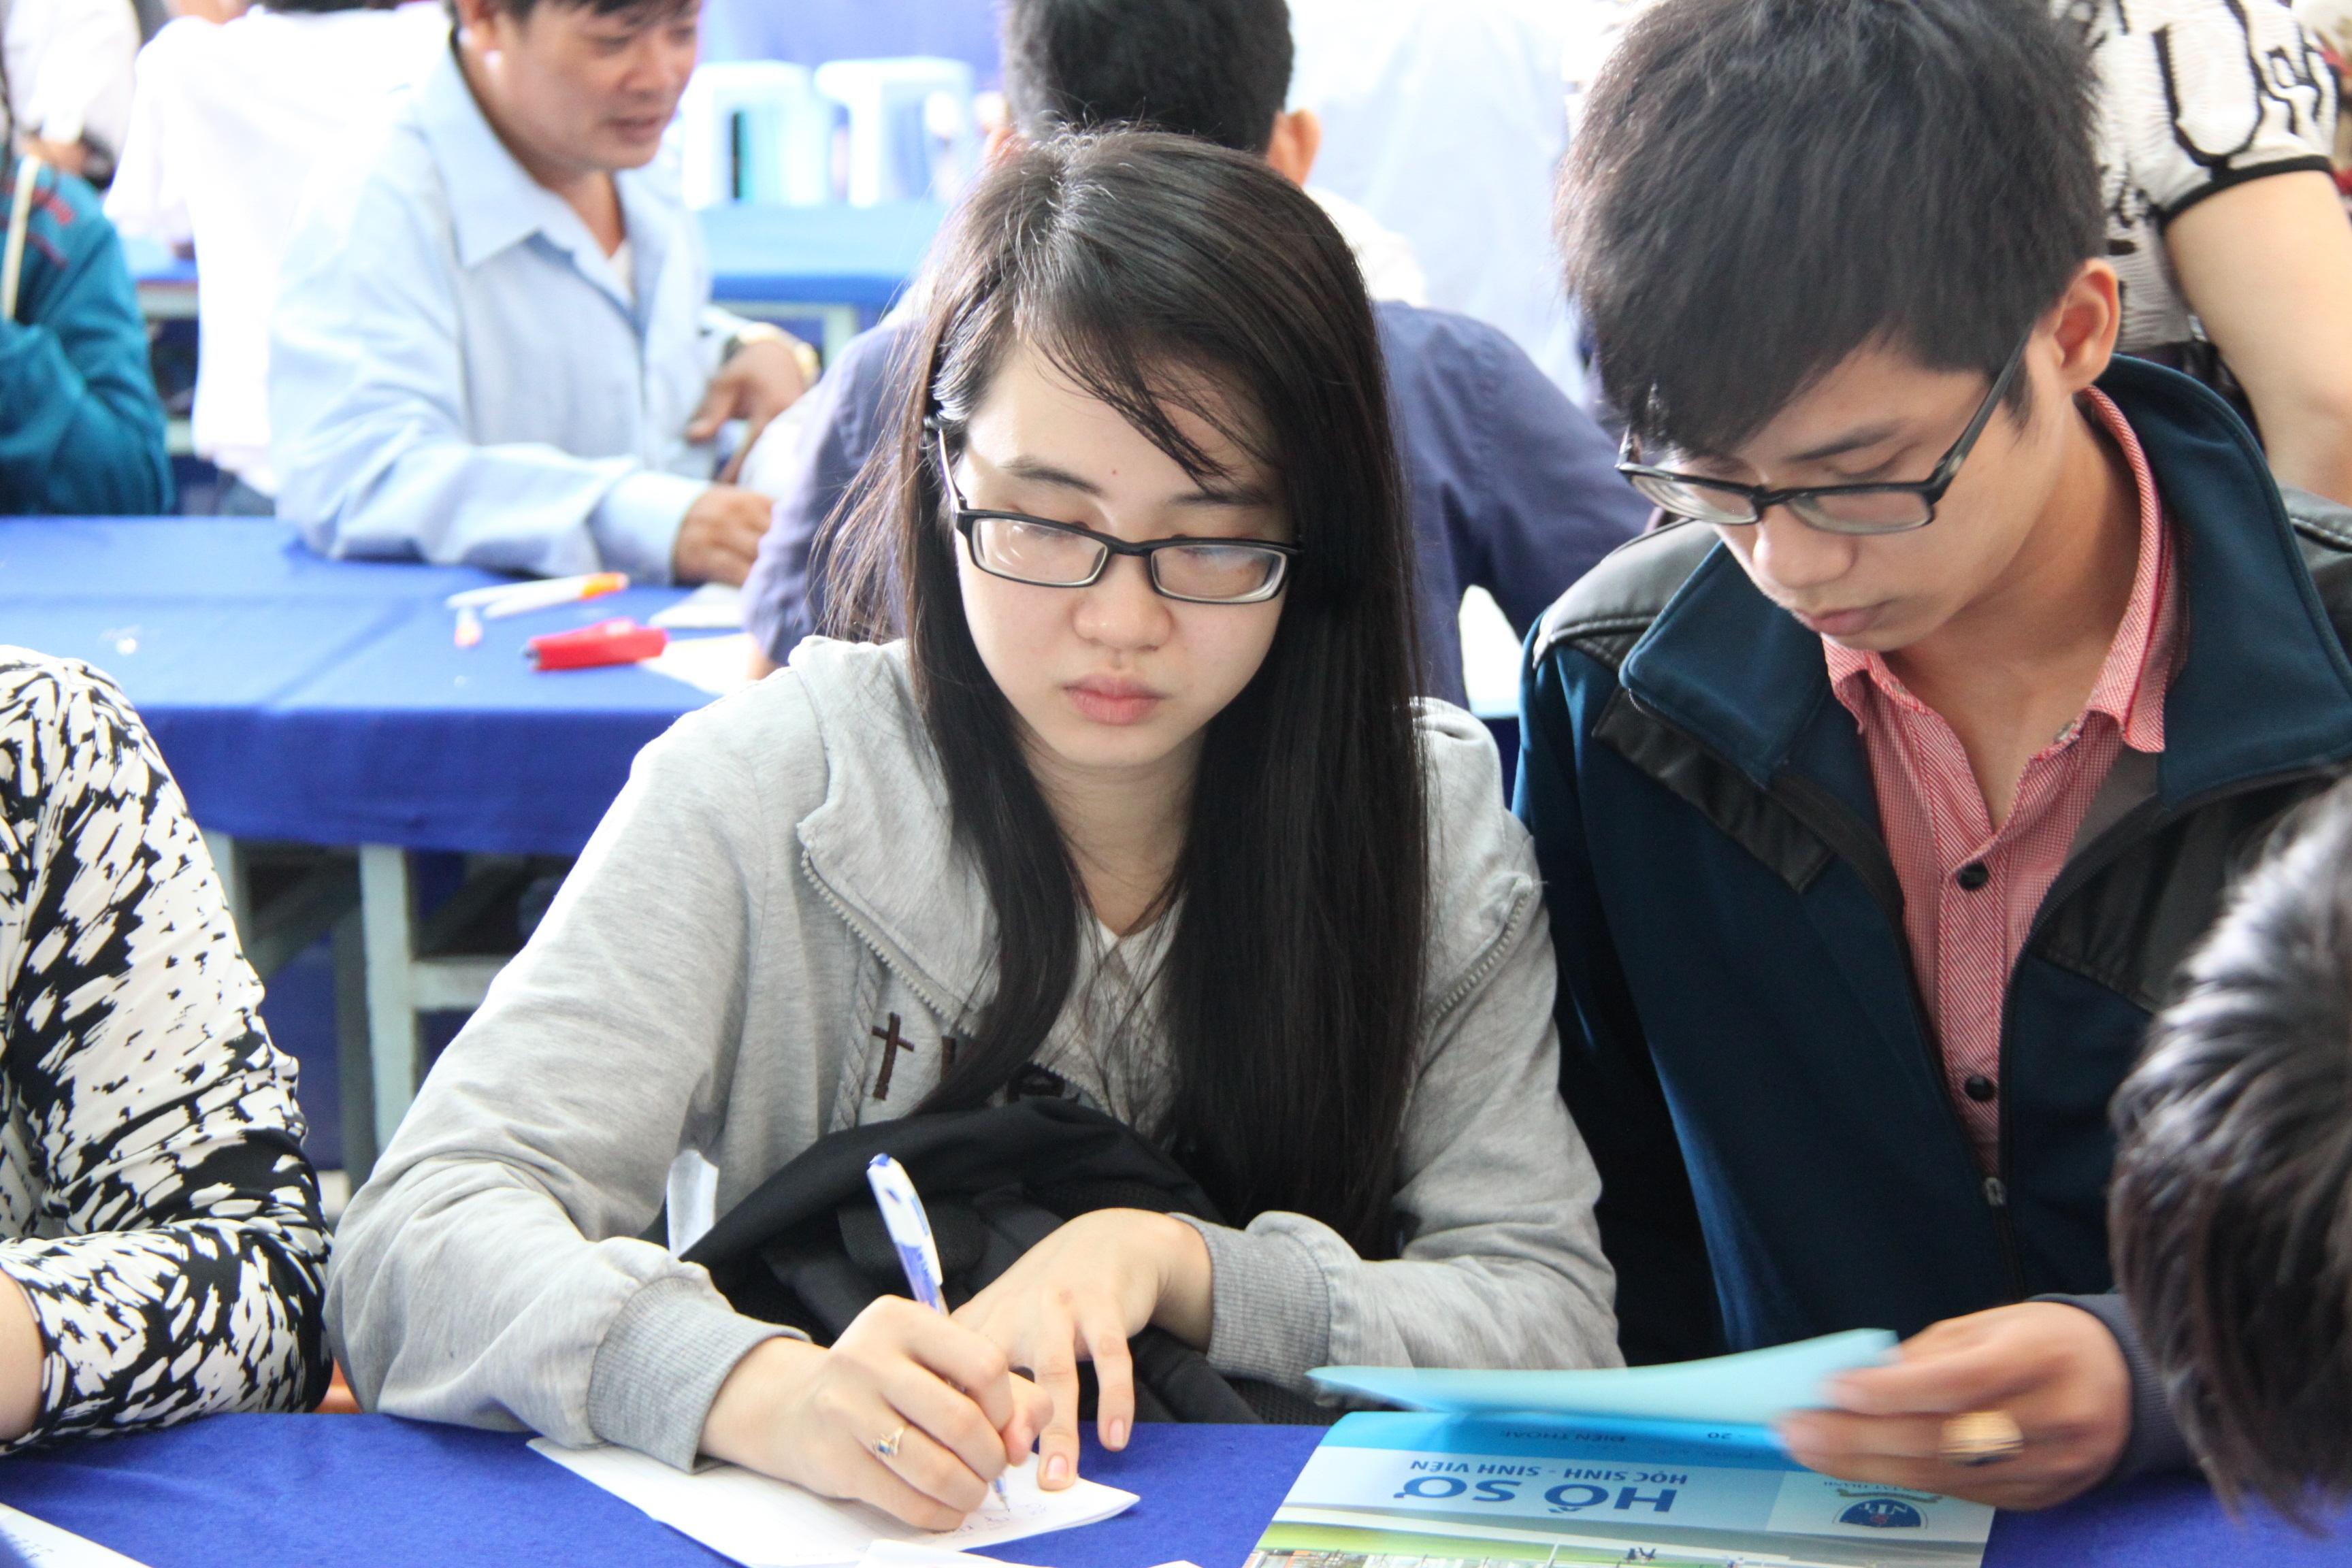 Chính sách miễn giảm học phí đối với học sinh, sinh viên nghèo